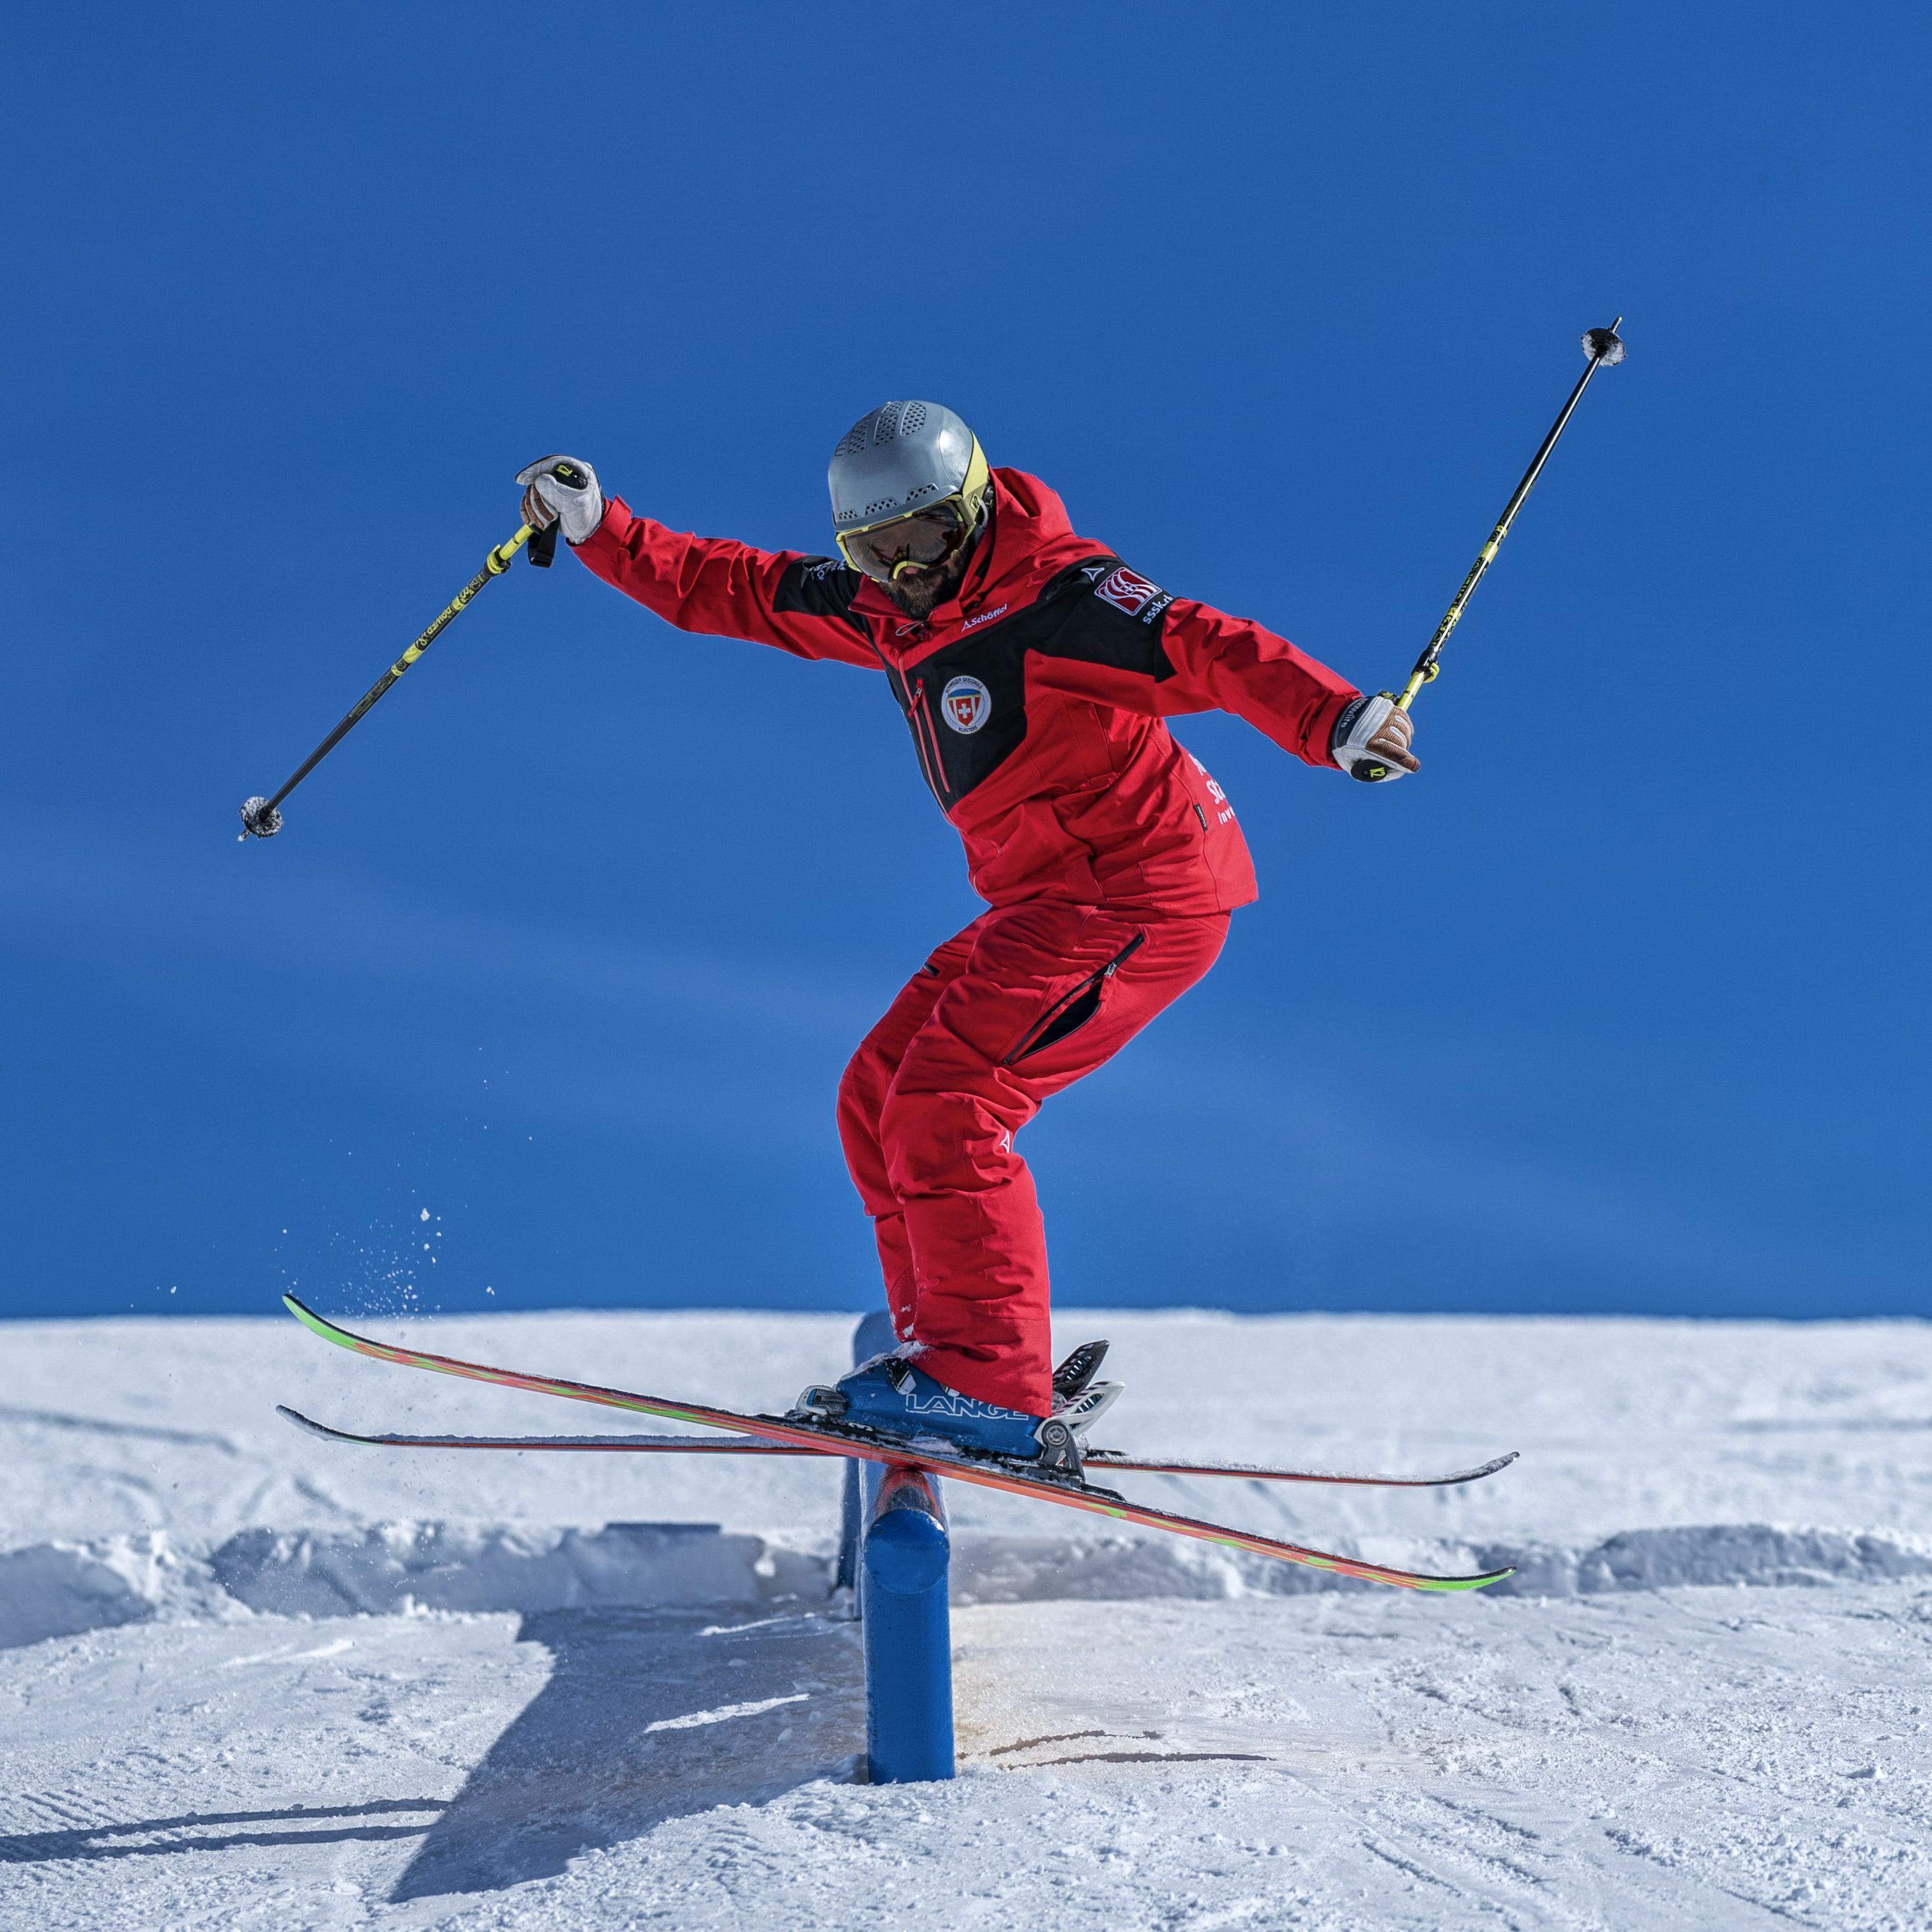 Cours de ski Enfants (6-16 ans) pour Skieurs avancés